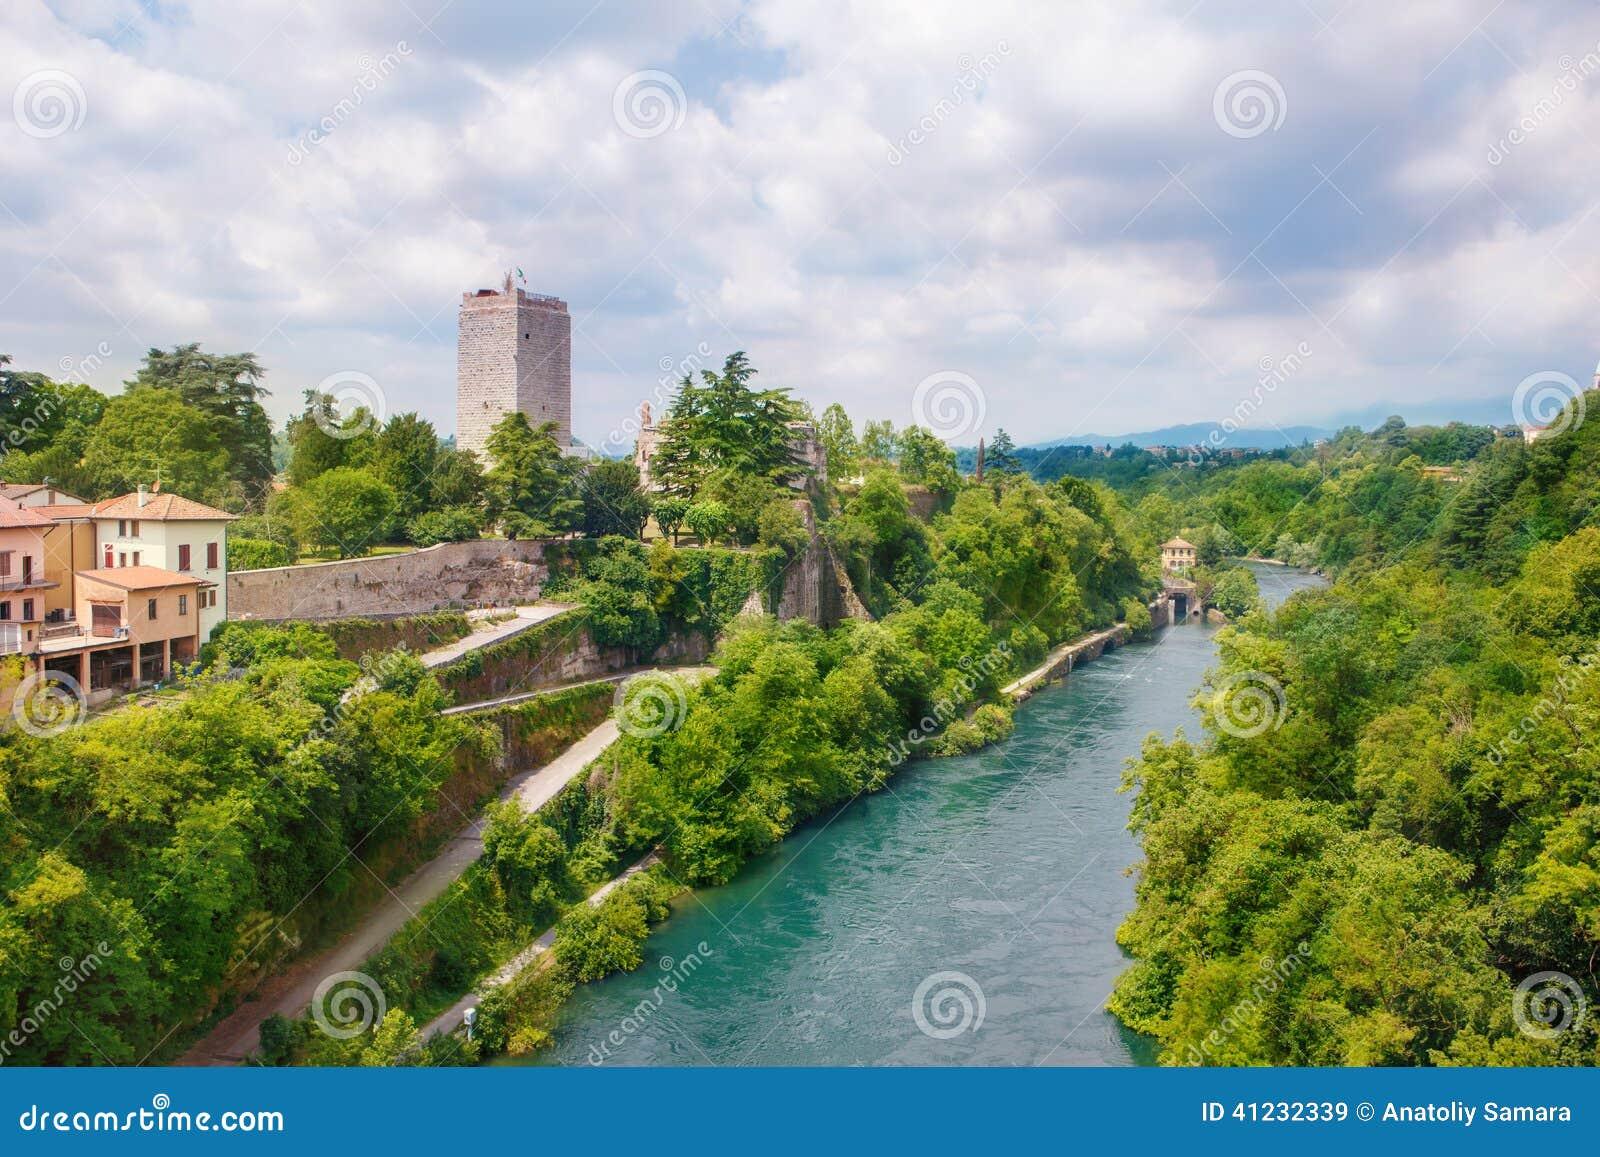 Trezzo Sull'Adda Italy  city photo : Visconti Castle And Adda River In Trezzo Sull'Adda Stock Photo Image ...